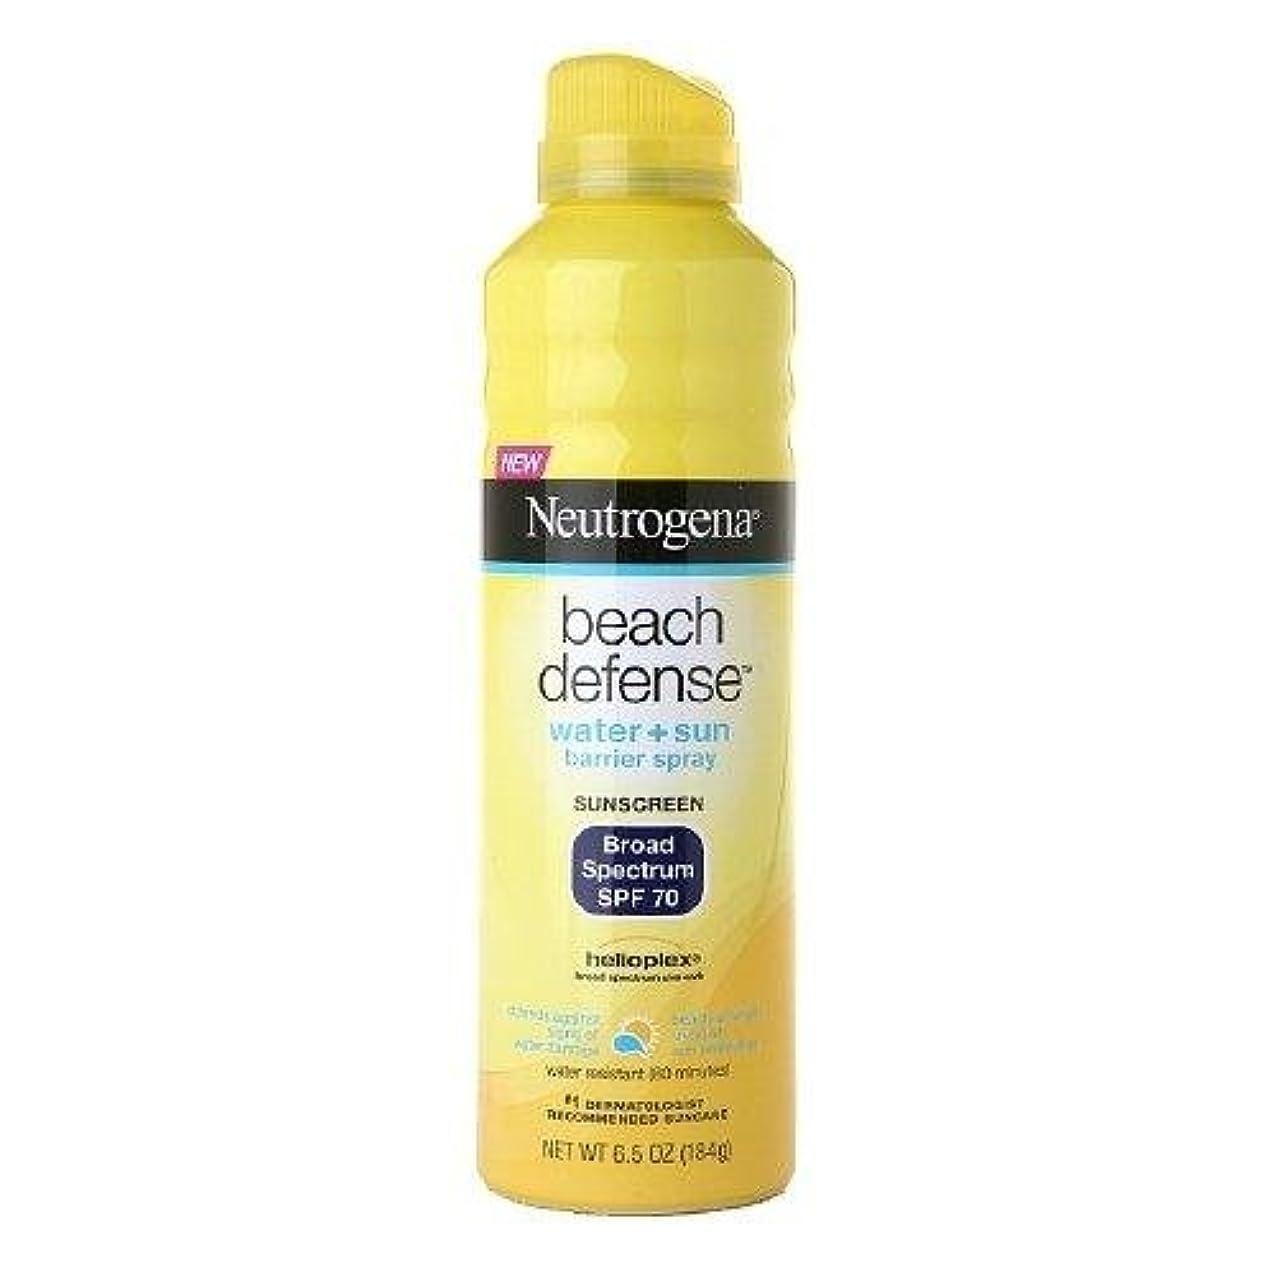 仕事に行く平等特別に【海外直送品】 ニュートロジーナ 皮膚科推薦 日焼け止めスプレー SPF70 184g  Neutrogena Beach Defense Broad Spectrum Sunscreen Spray, SPF 70, 6.5 oz